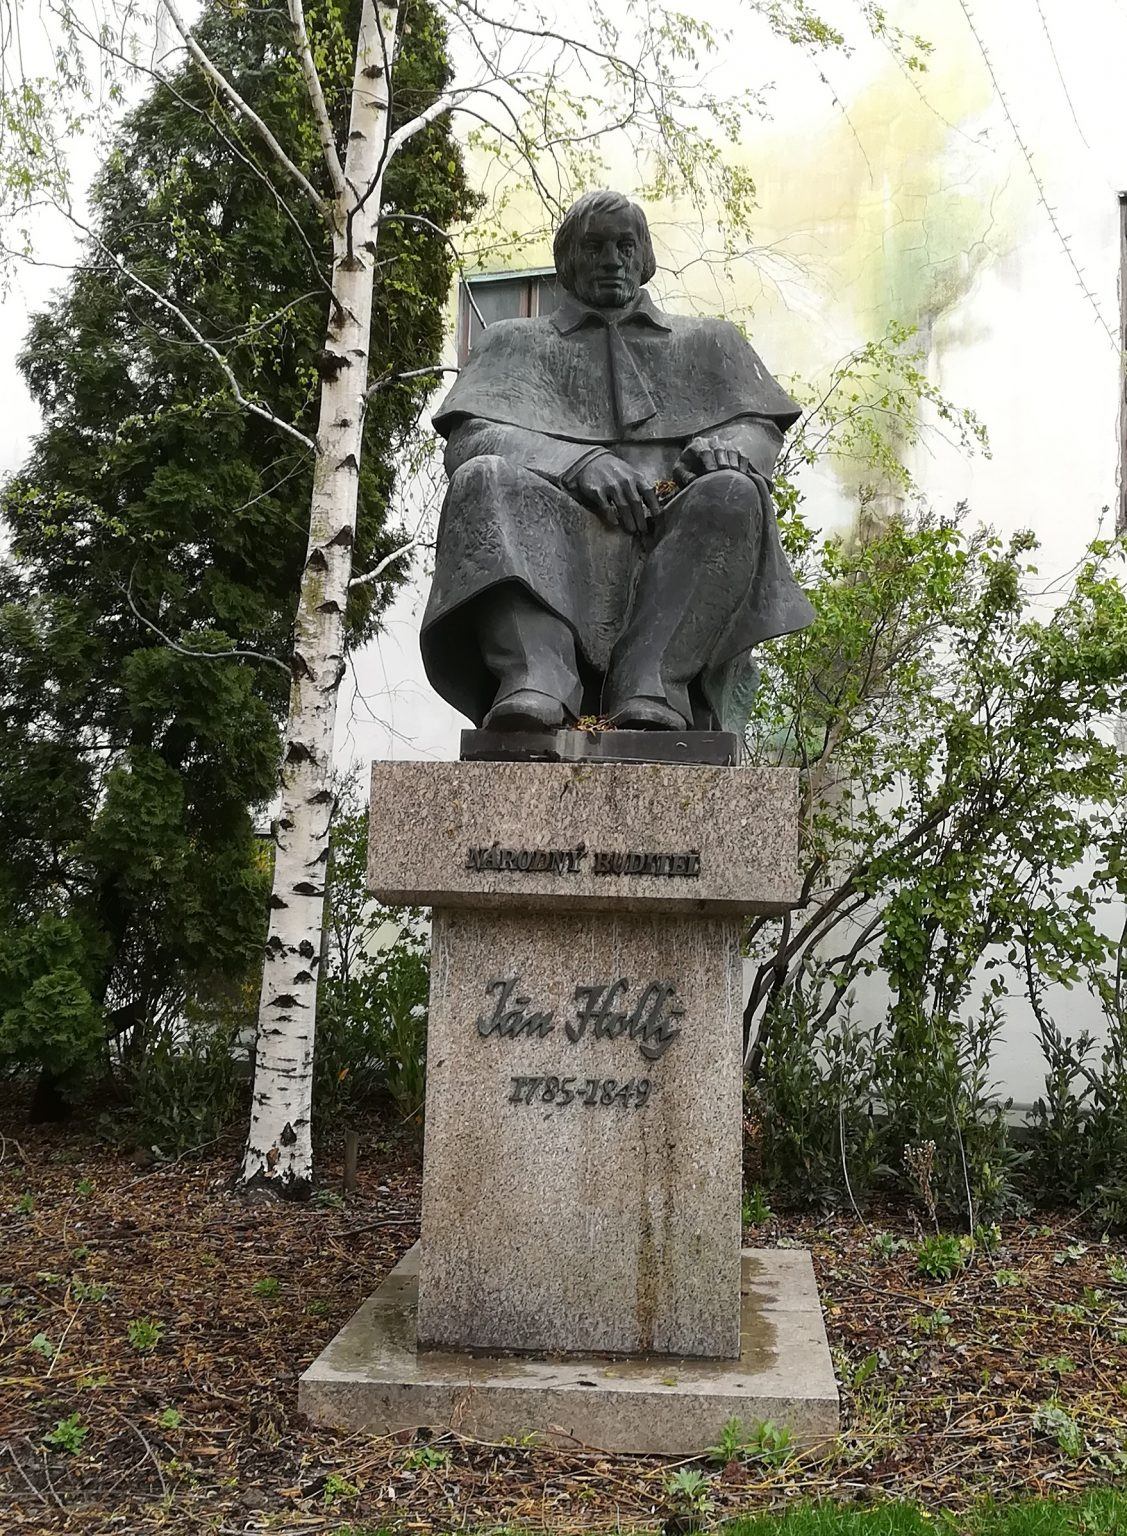 Pamätník Jána Hollého pri Katedrále sv. Martina na Rudnayovom námestí, ktorého autorom je doc. Ing. arch. Jozef Huntier (archív o. z. CYRILOMETODIADA)